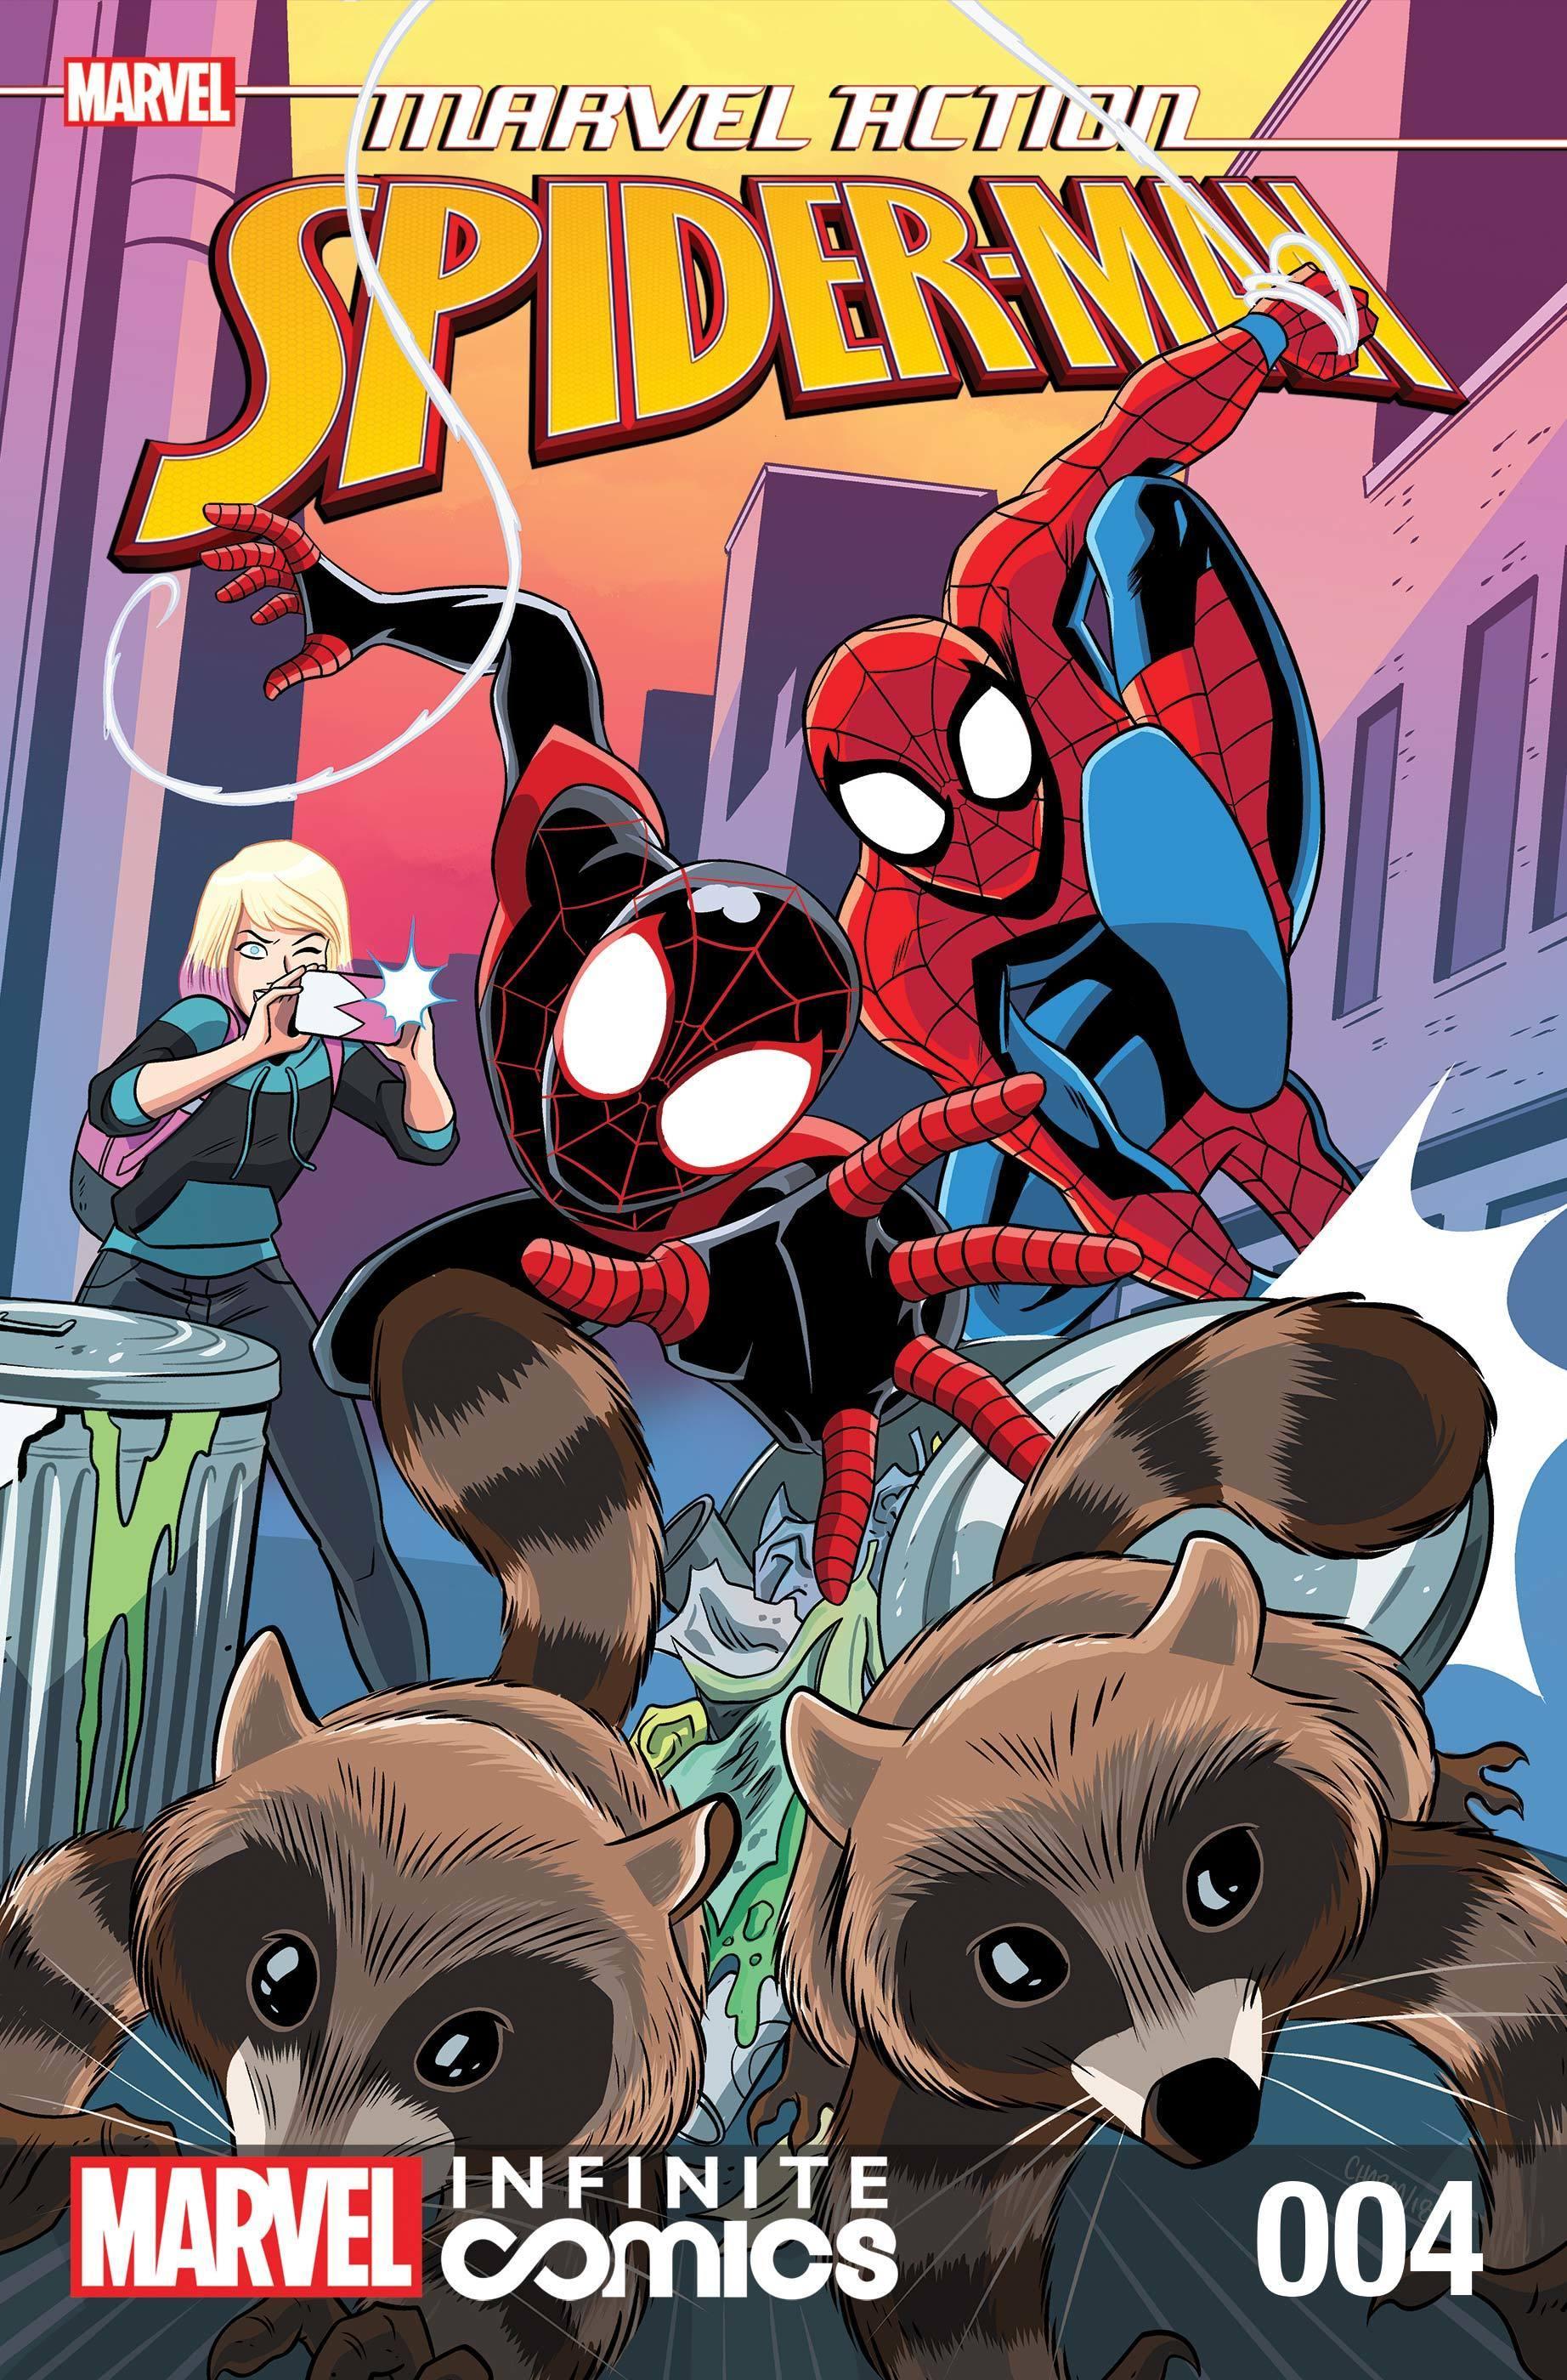 Marvel Action Spider-Man #04